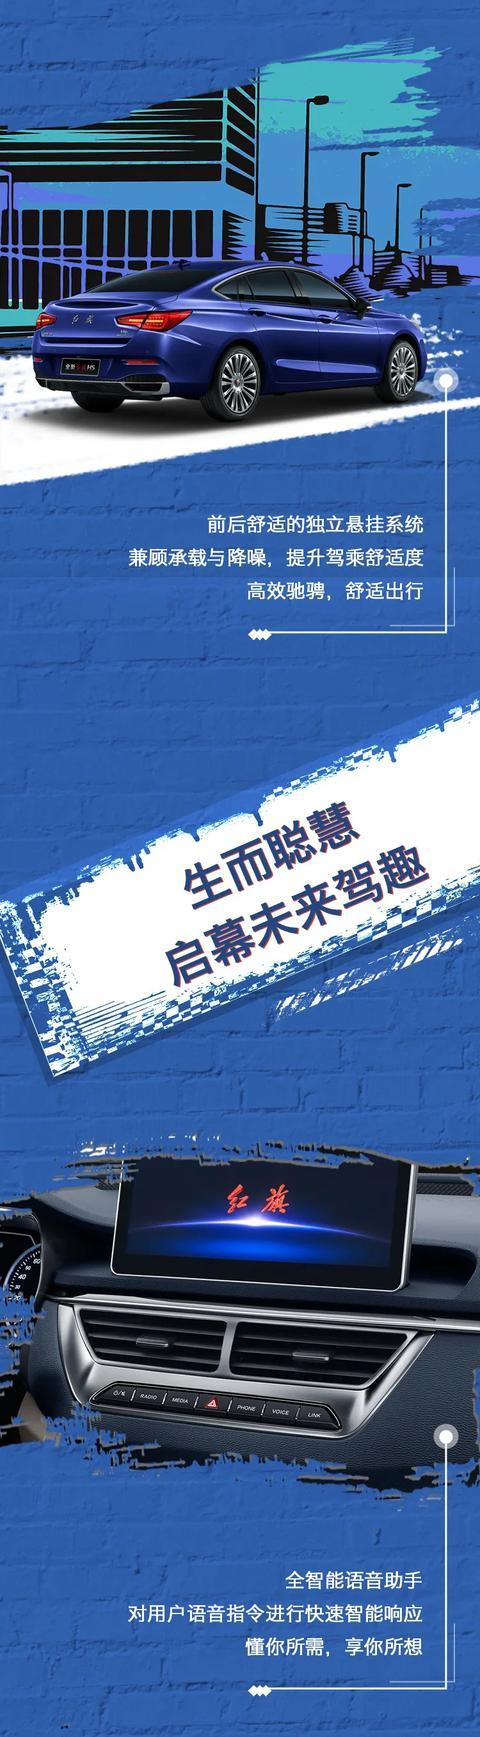 全新红旗H5-不敛锋芒,自带高光